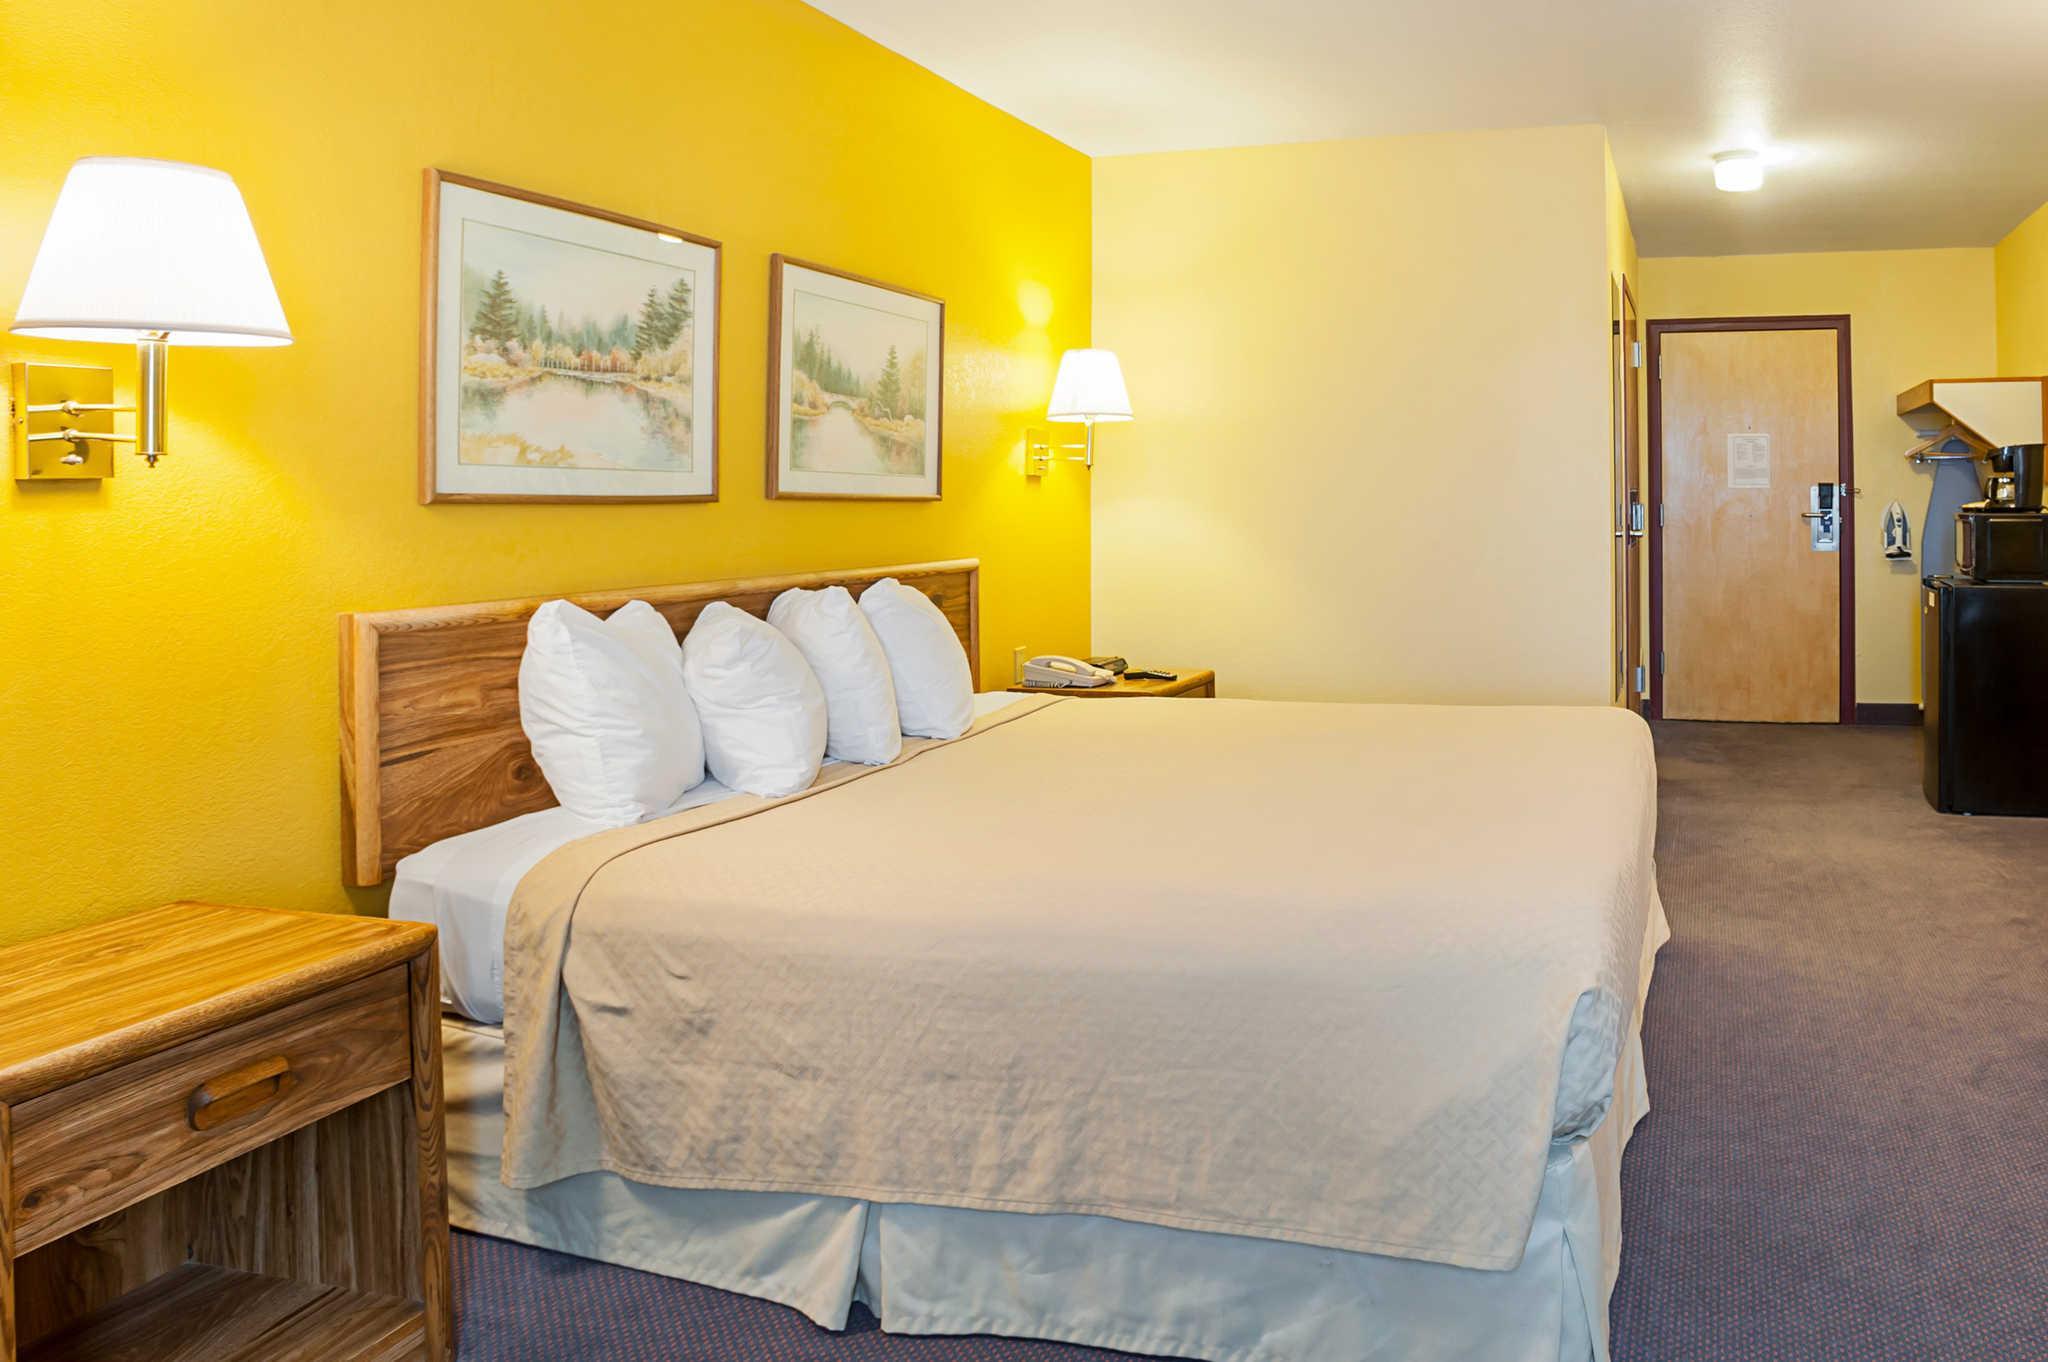 Review Rodeway Inn & Suites Blanding